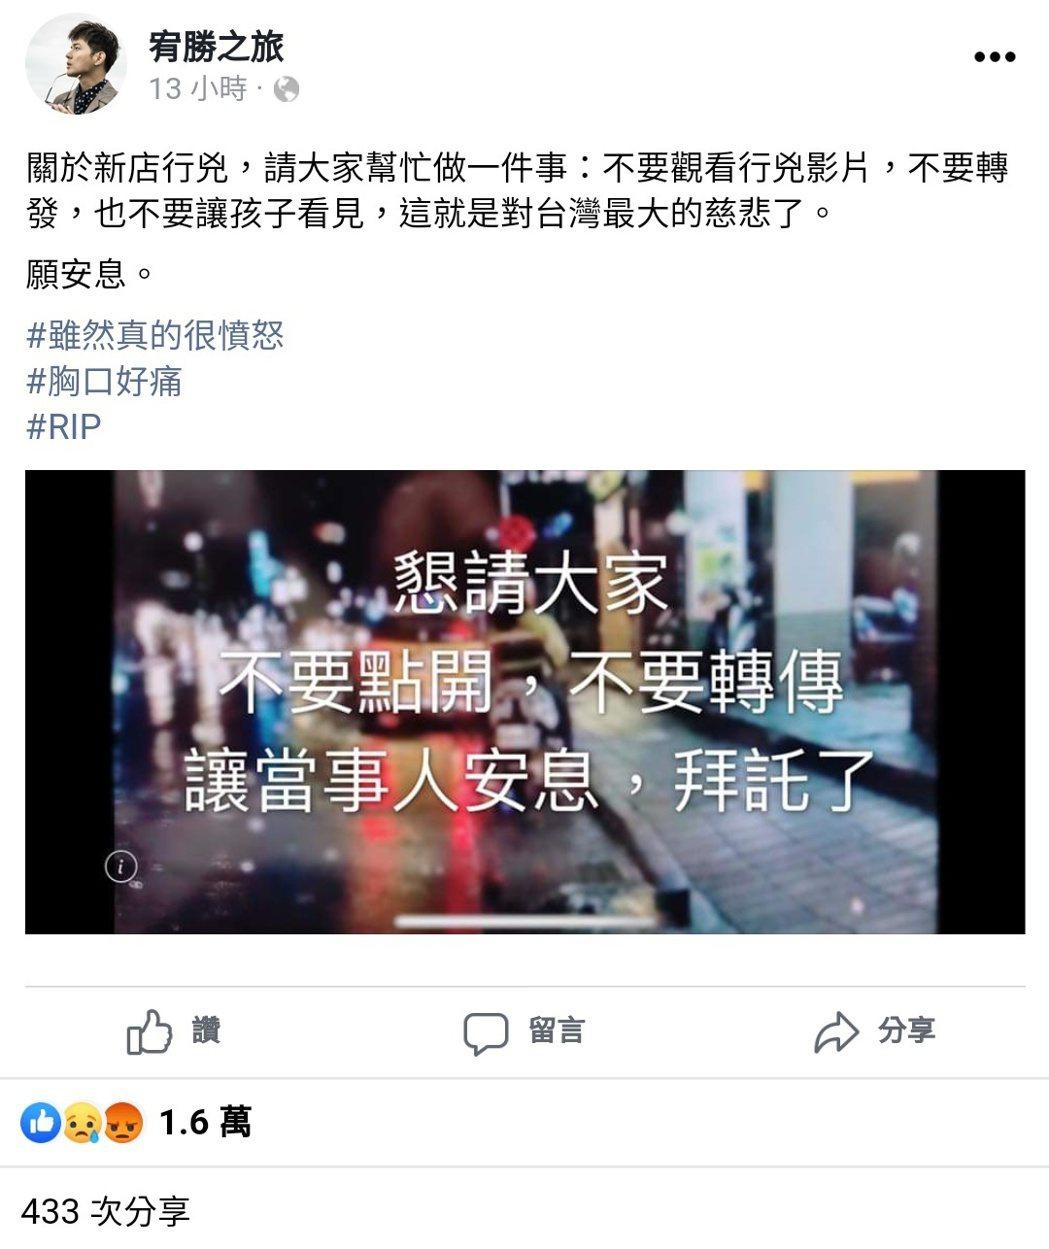 宥勝呼籲大家幫忙一件事。 圖/擷自宥勝臉書